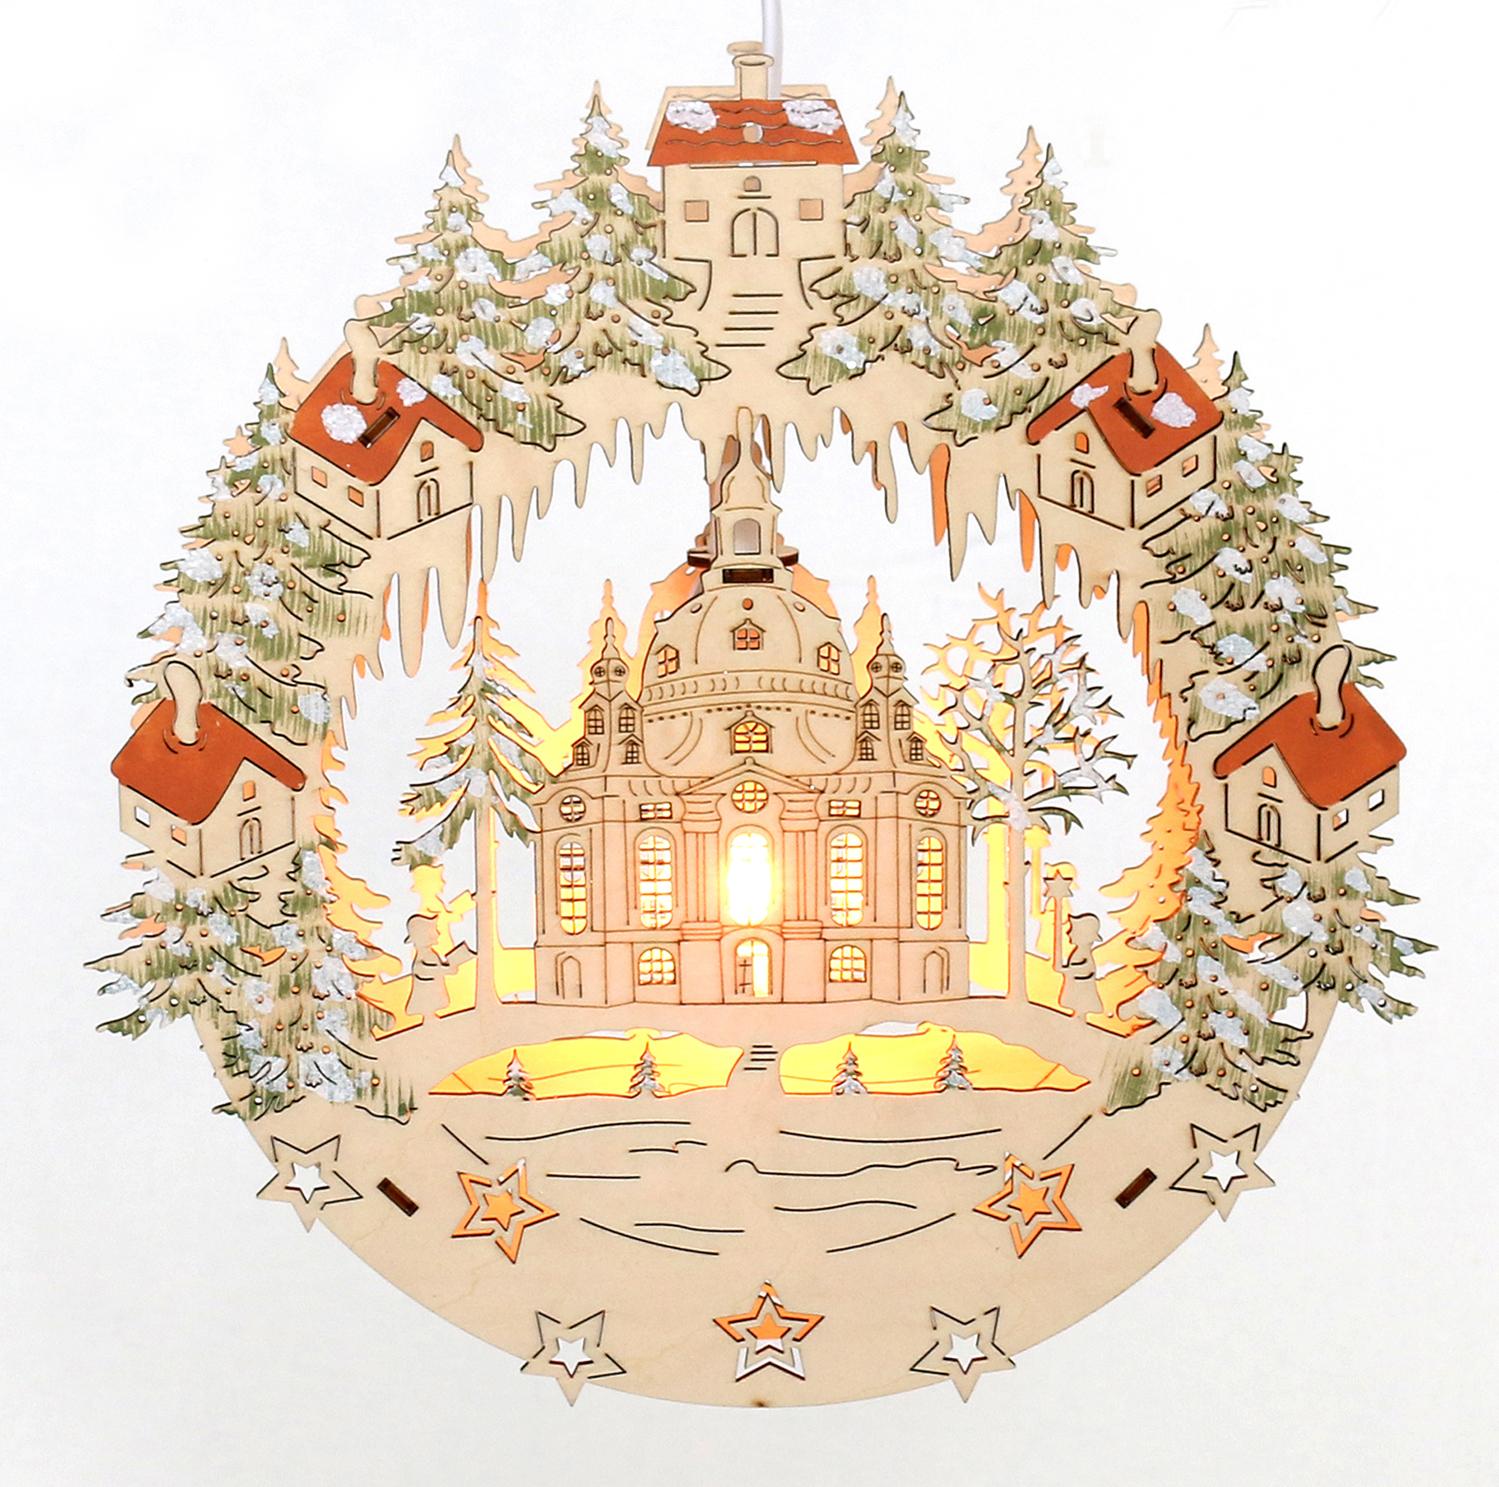 Fensterbild beleuchtet dresdener frauenkirche farbig - Fensterdeko weihnachten beleuchtet ...